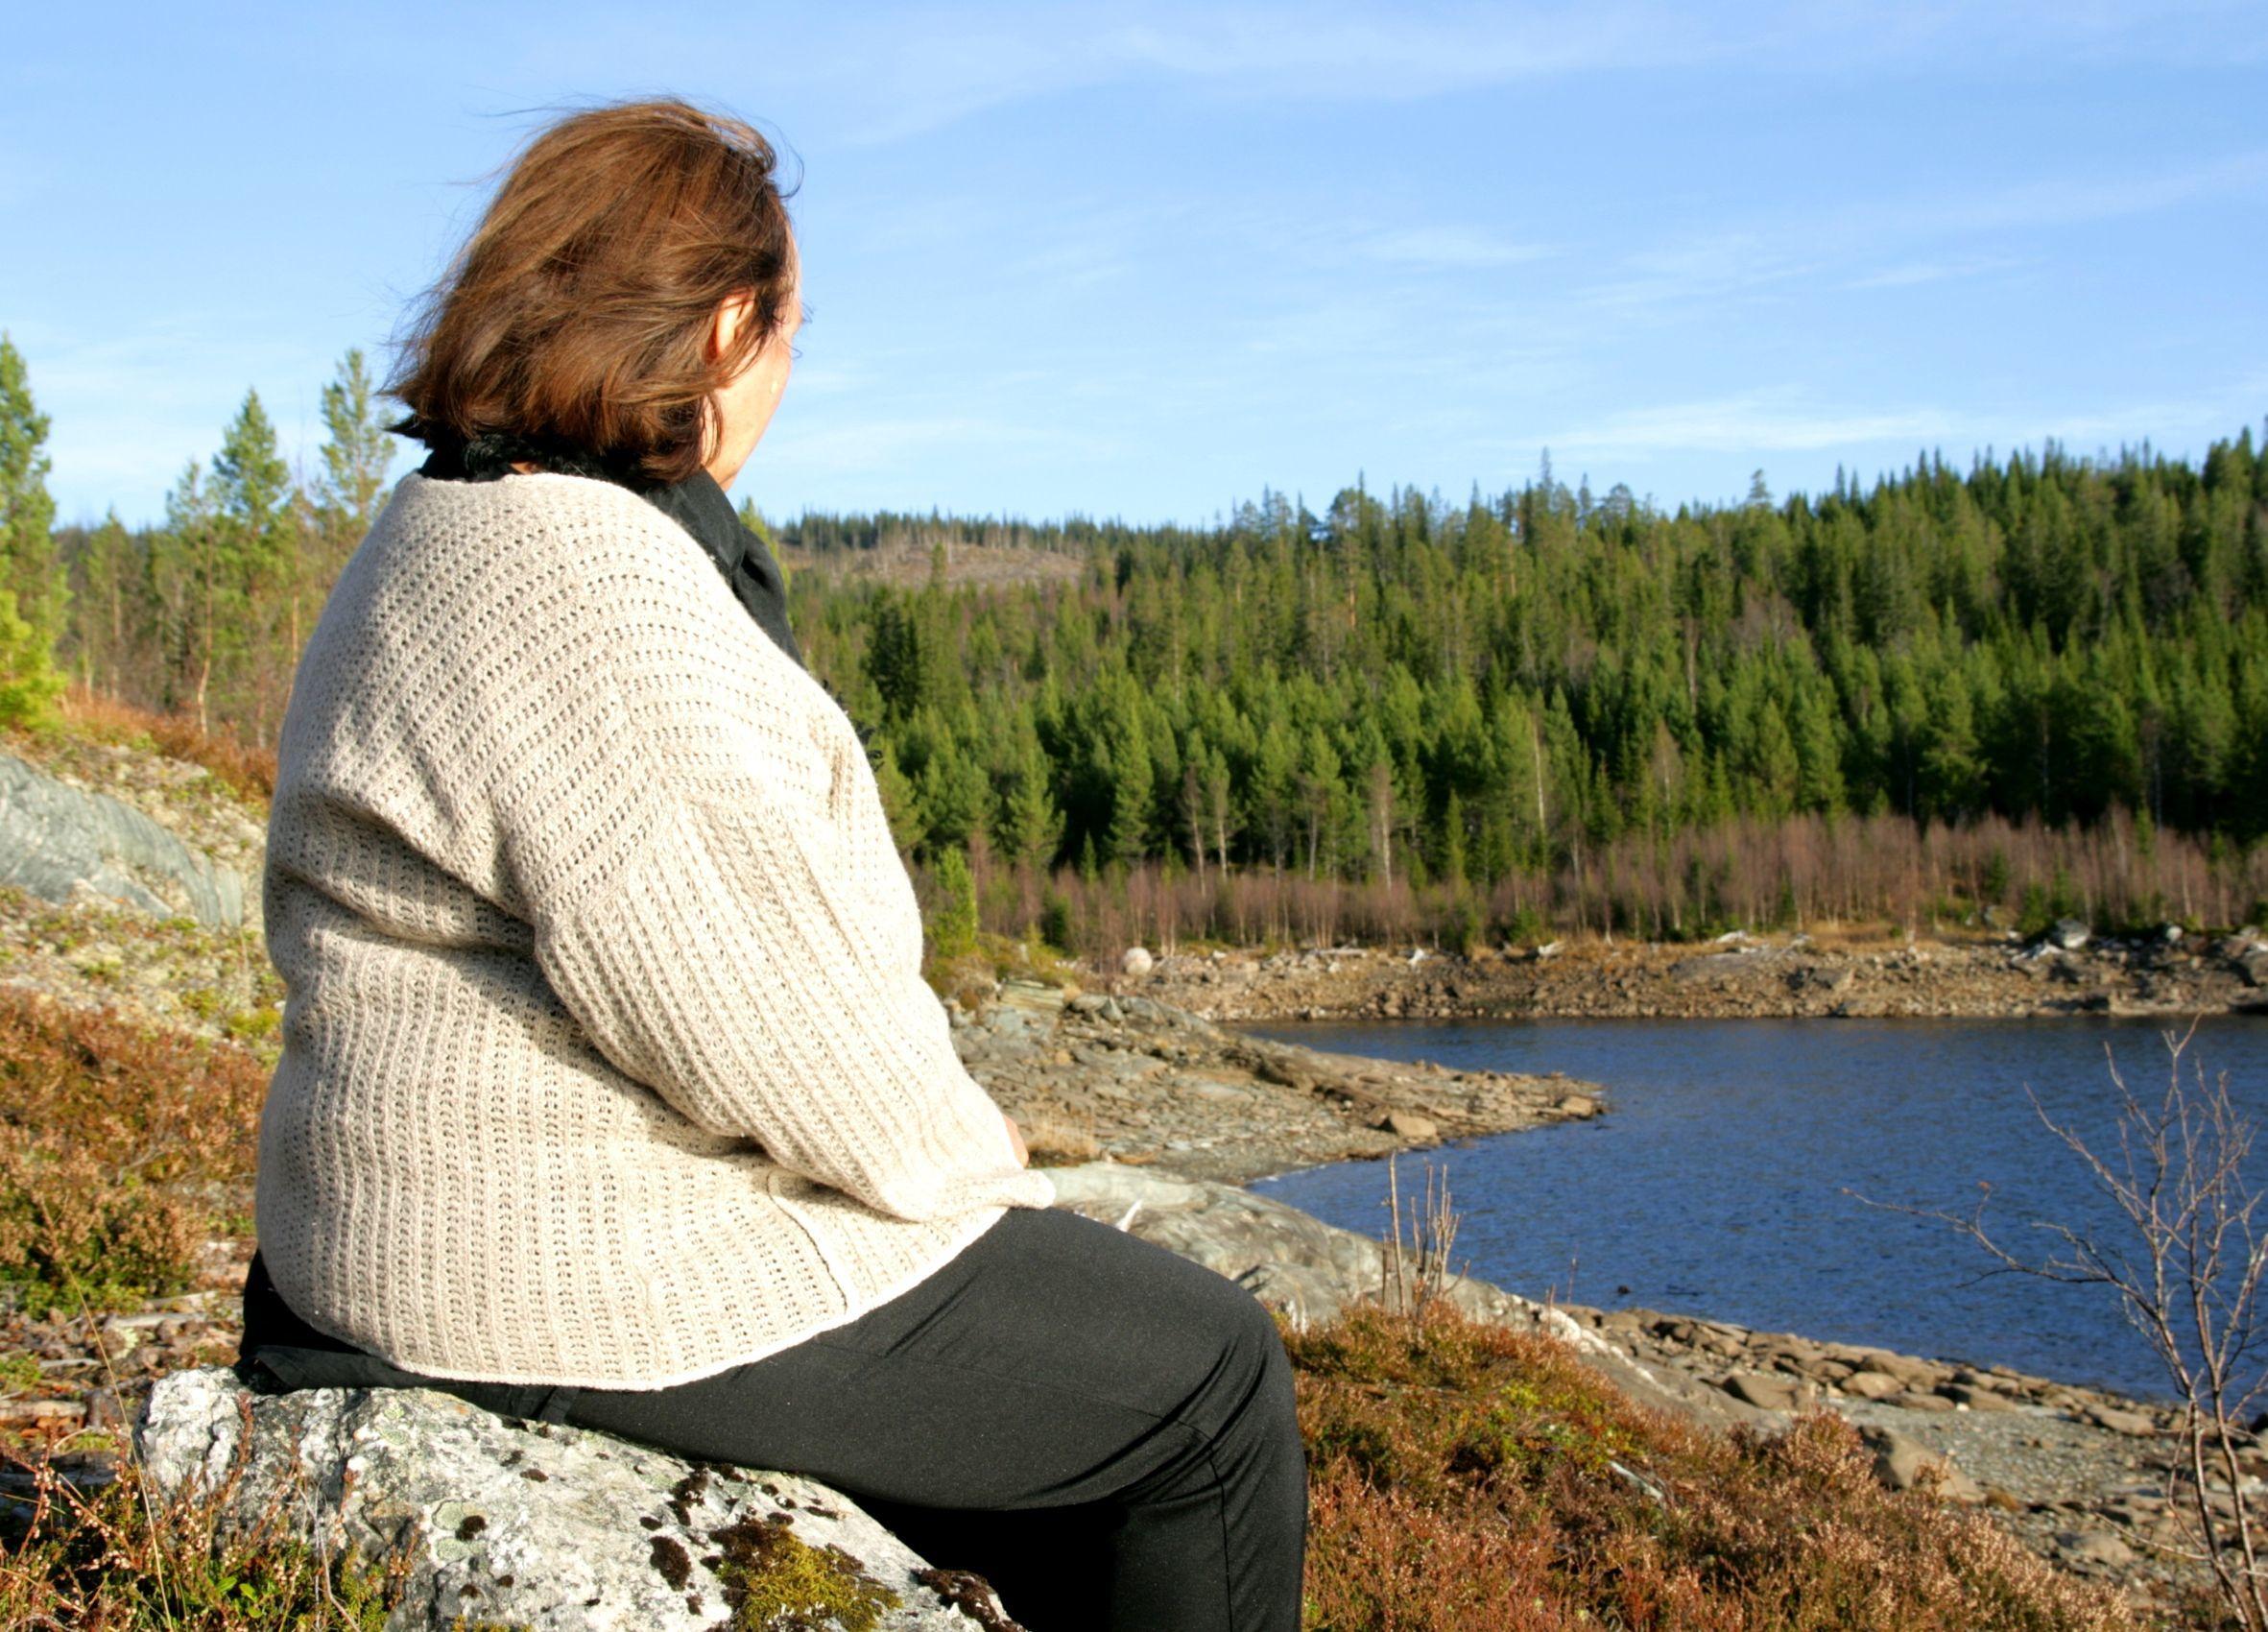 Badanie: nadwaga dwukrotnie zwiększa ryzyko raka jelita grubego